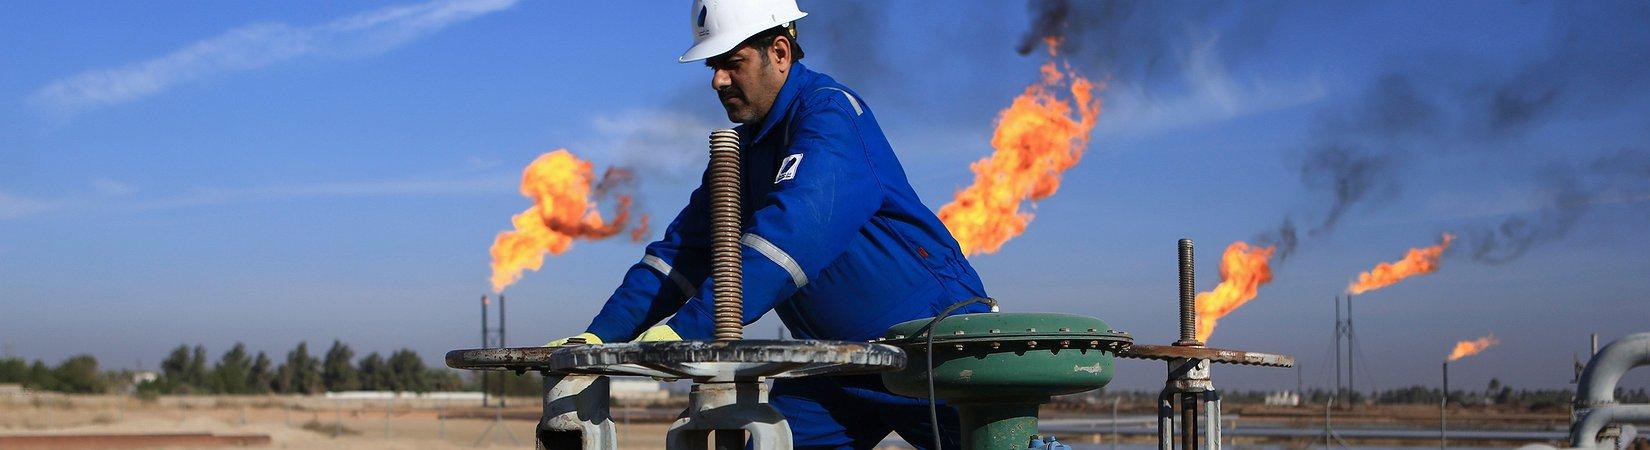 ماذا ننتظر من اجتماع أوبك.. 4 سيناريوهات متوقعة لسوق النفط